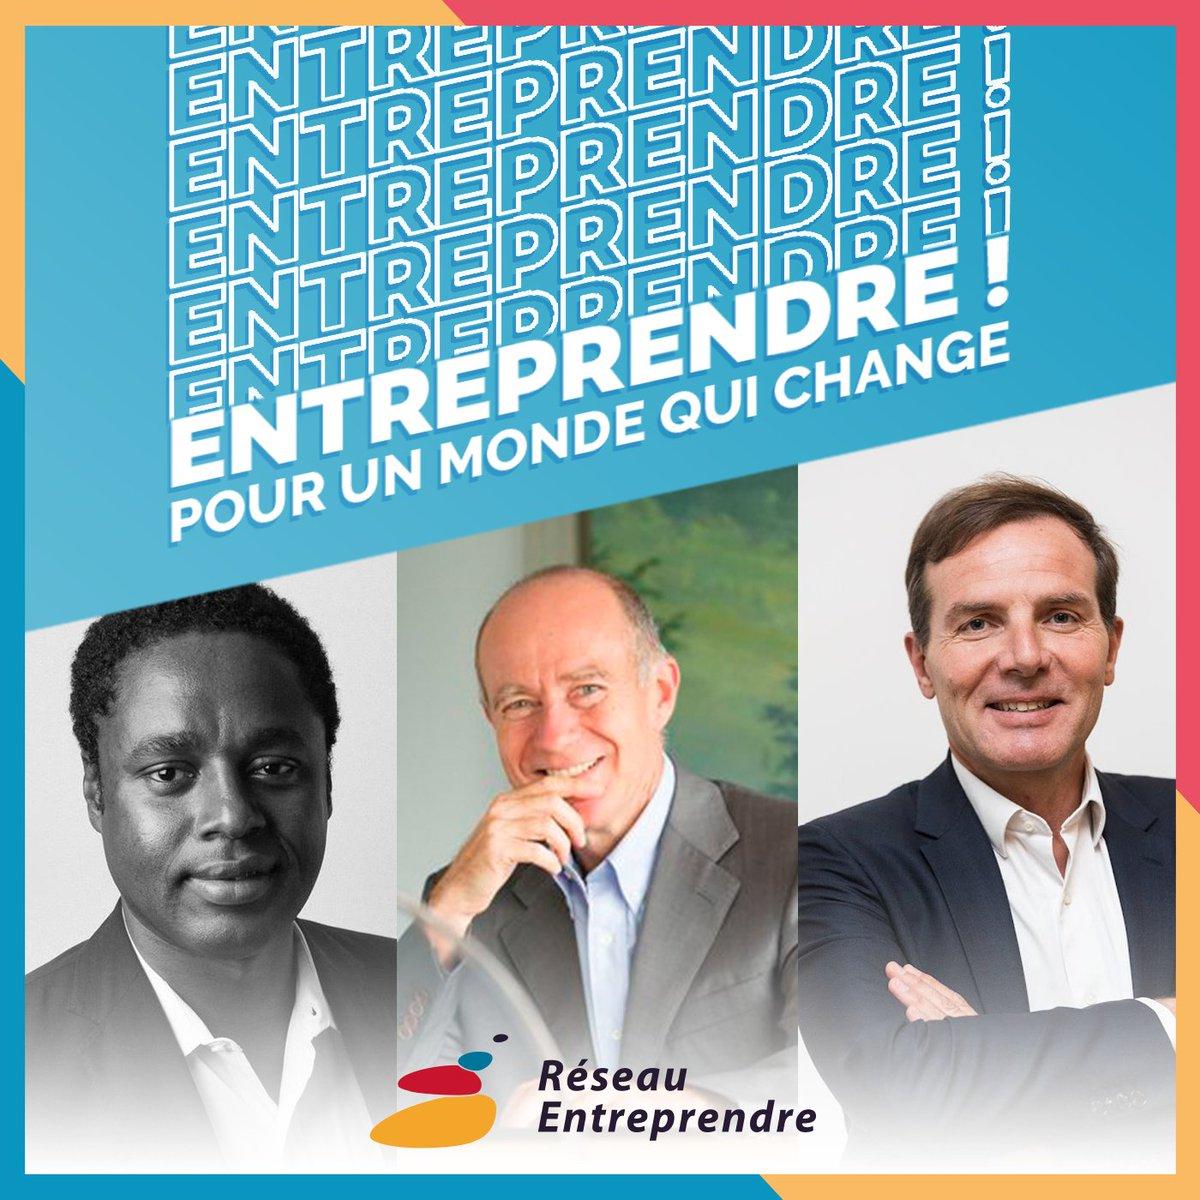 [Podcast] Dans l'épisode 2 de @RsoEntreprendre @claudegrunitzky, serial entrepreuneur,   @MichelSarrat (dirigeant de GT Solutions) et Olivier de la Chevasnerie (président de RE) partagent leur vision de l'entrepreneuriat de demain. Inspirant !   👉 @Deezer https://t.co/jV7jiZwExJ https://t.co/ya5okzUr5Y